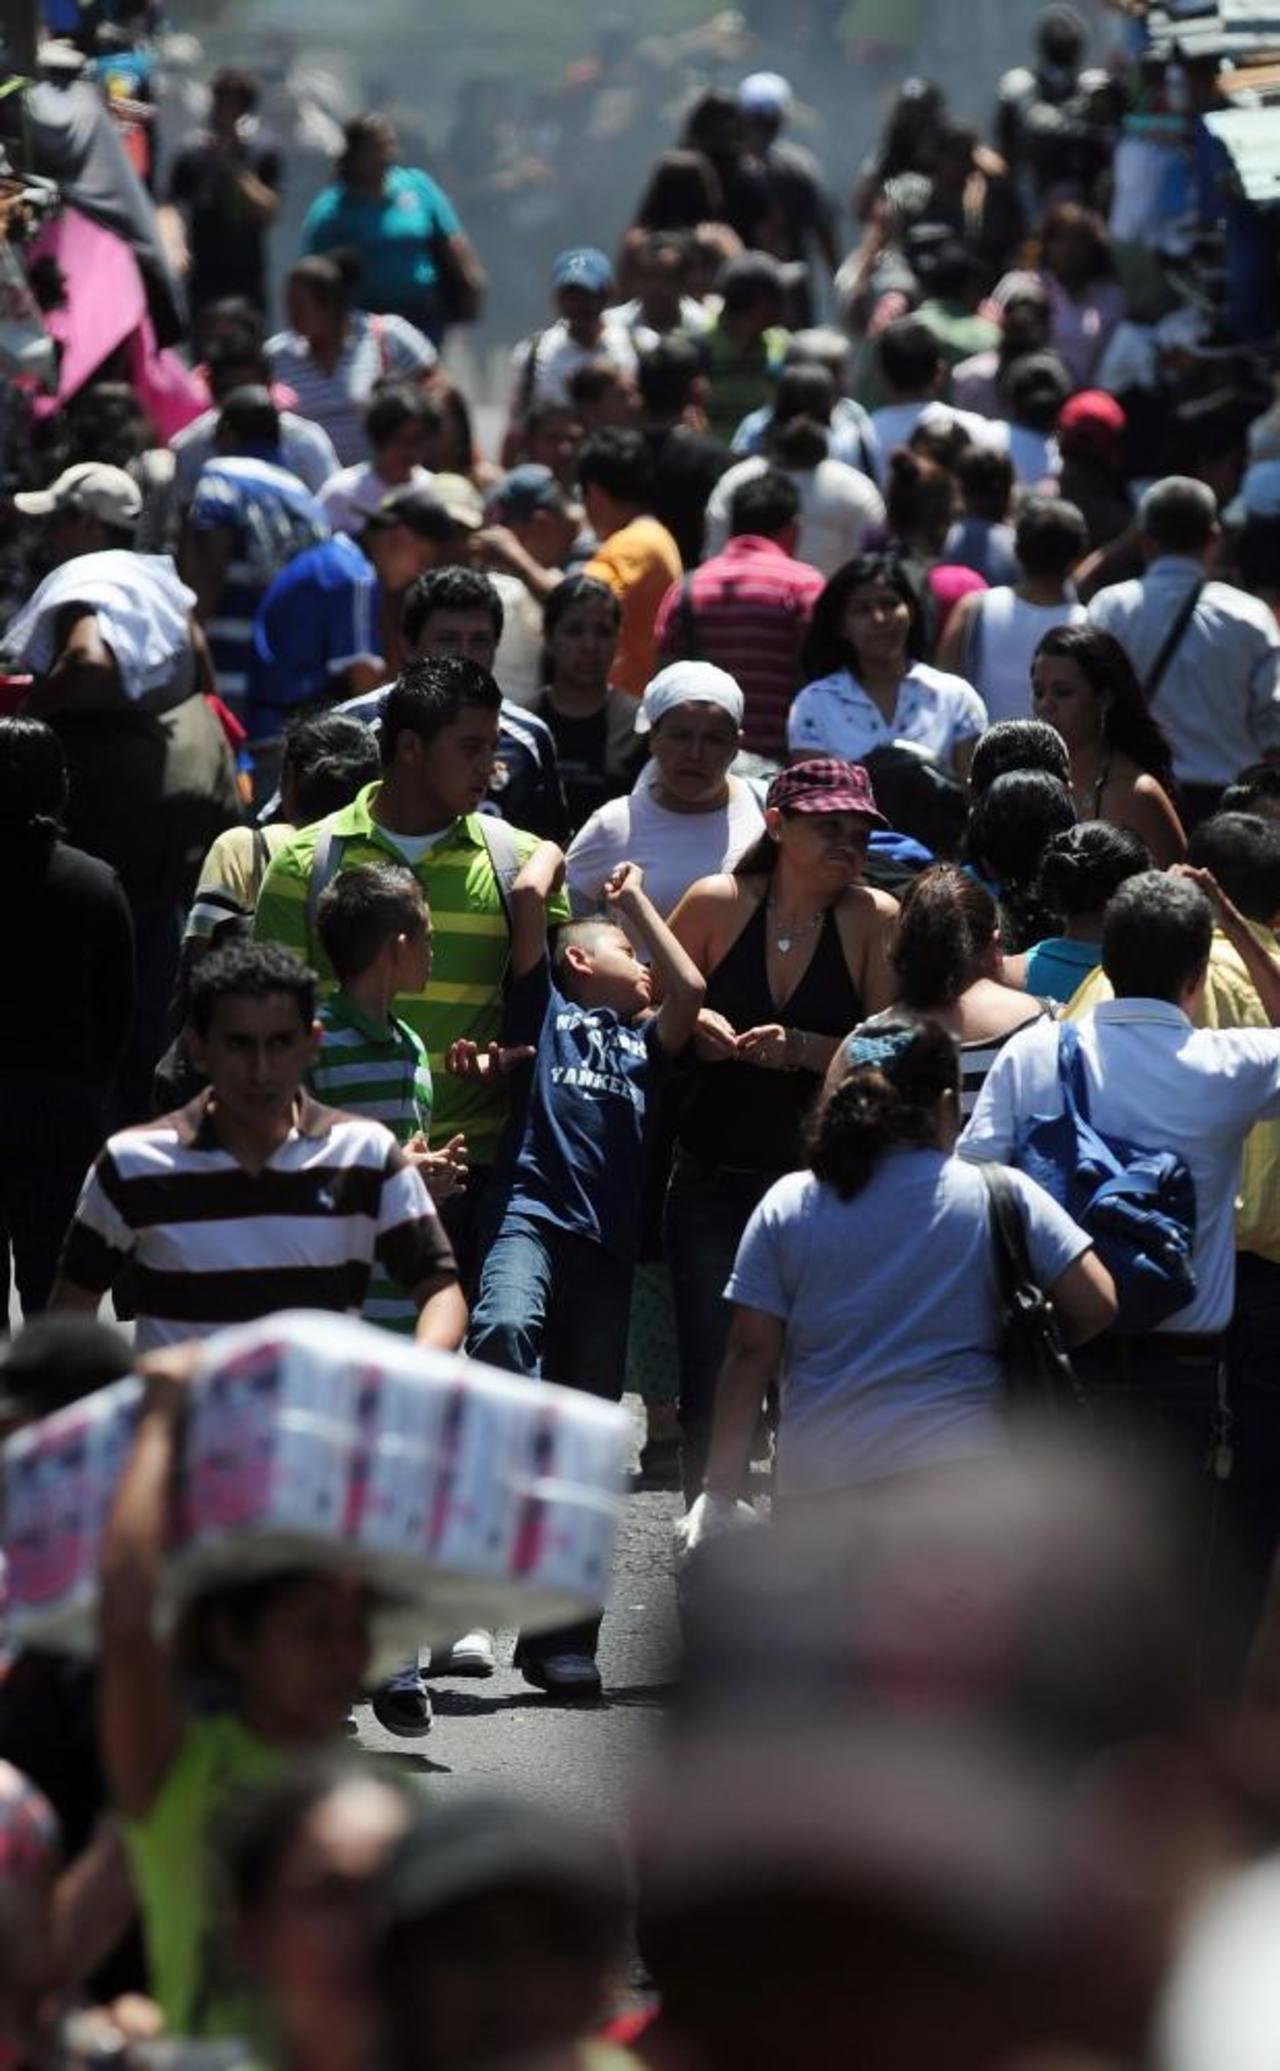 """La """"fábrica de empleos"""" que prometió el presidente Mauricio Funes se dejó en el olvido y miles de personas siguen desempleadas. foto edh / Archivo"""